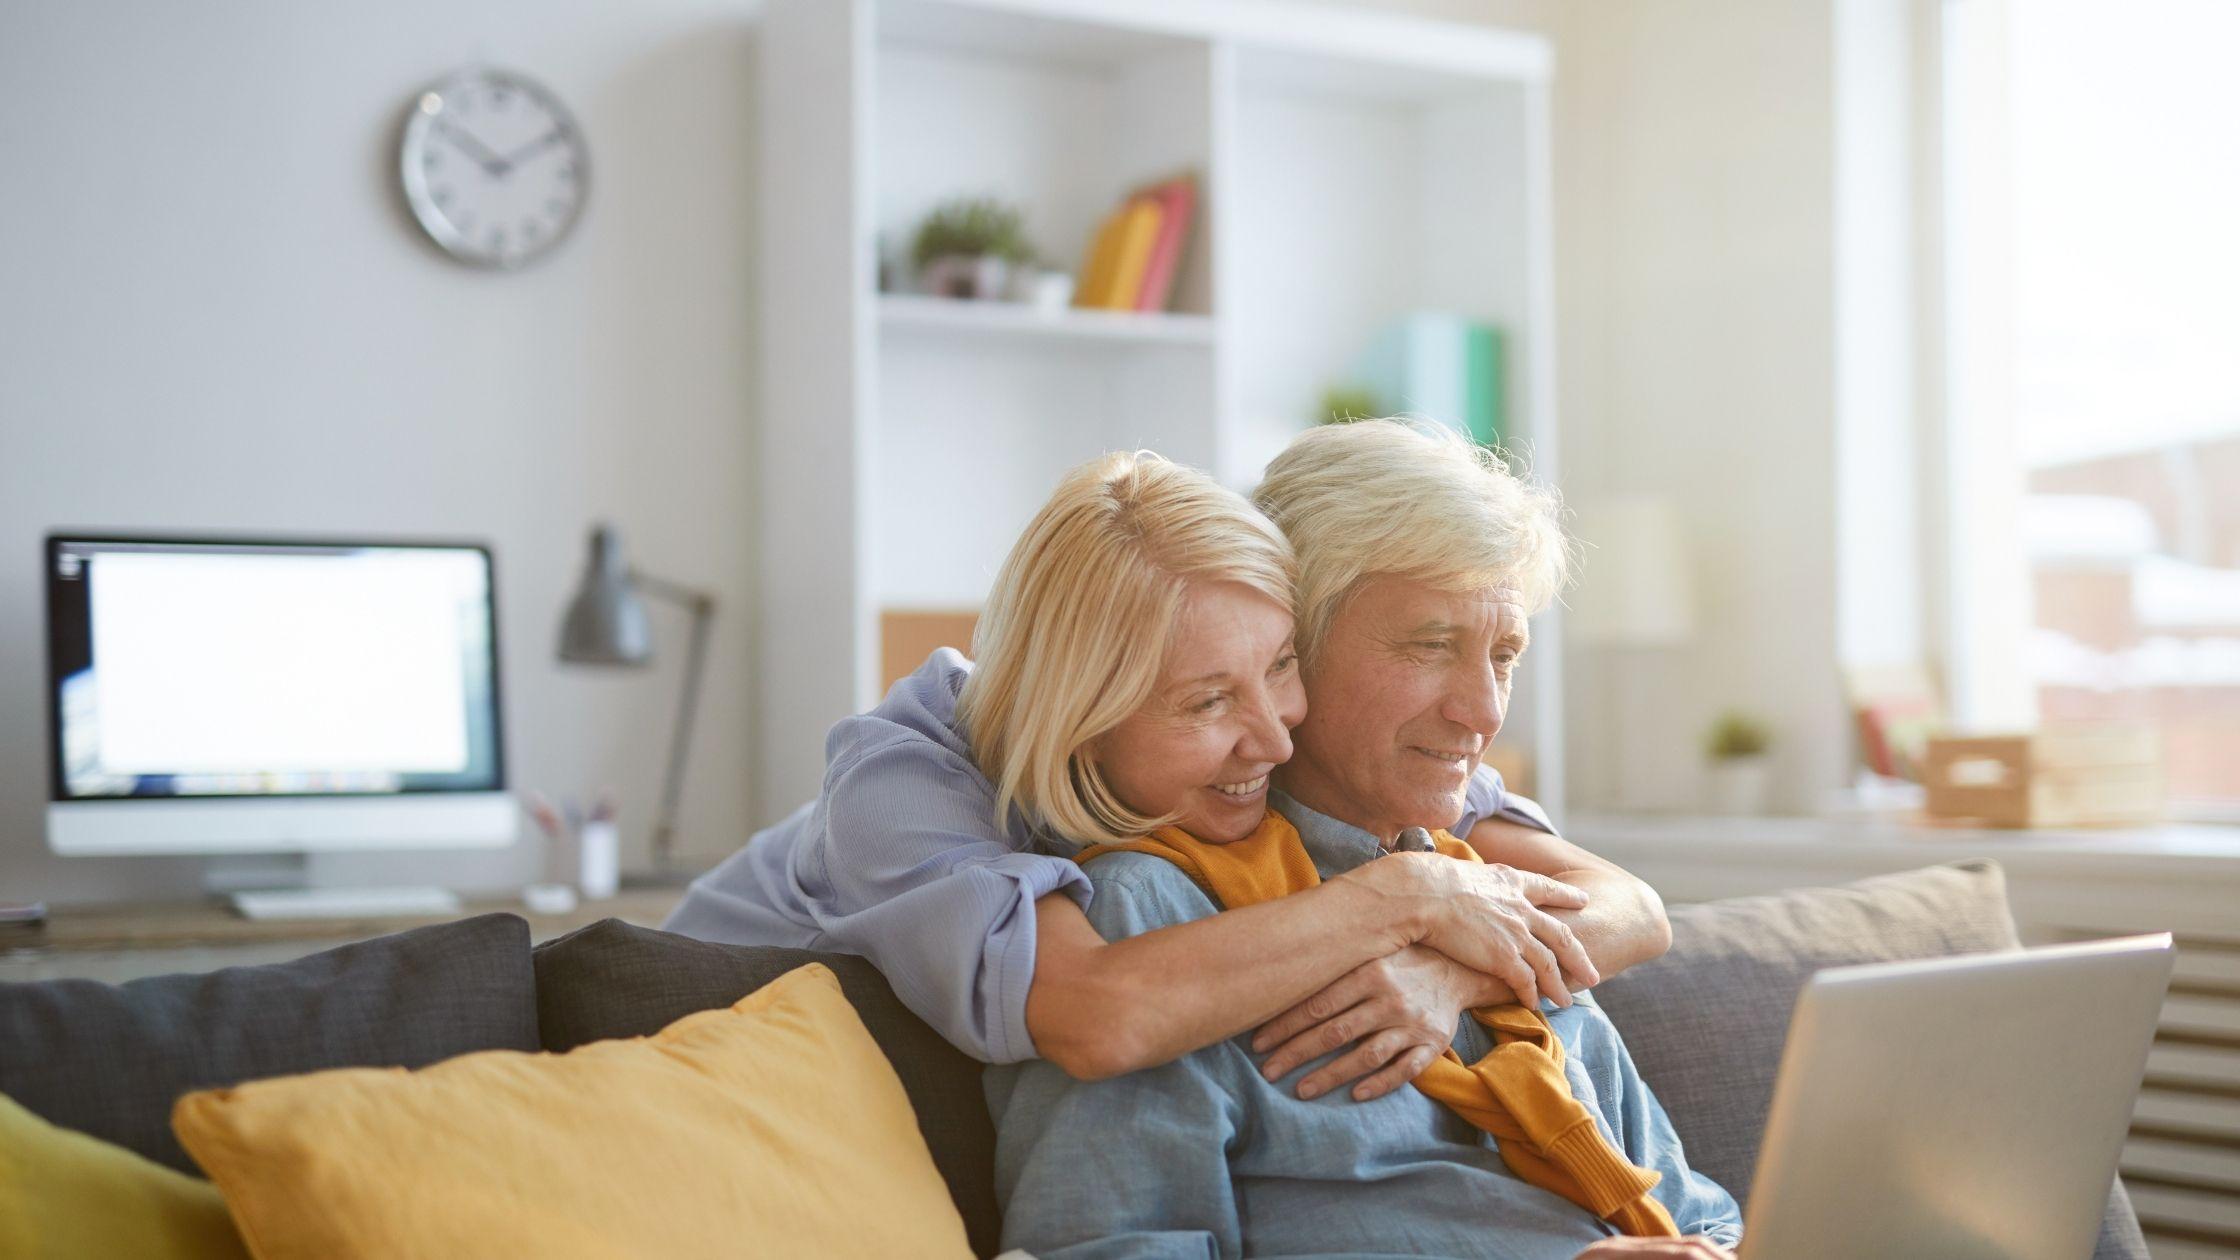 """O homem mais velho está a usar mangas compridas azuis enquanto segura o portátil. Ele está a sorrir enquanto a senhora sénior está a abraçar o homem pelas costas. Na parte de trás da mulher está um computador Mac, um relógio de parede, um candeeiro de mesa e uma prateleira de livros. Esta imagem faz parte do artigo chamado """"Trabalho a partir de casa para idosos"""""""